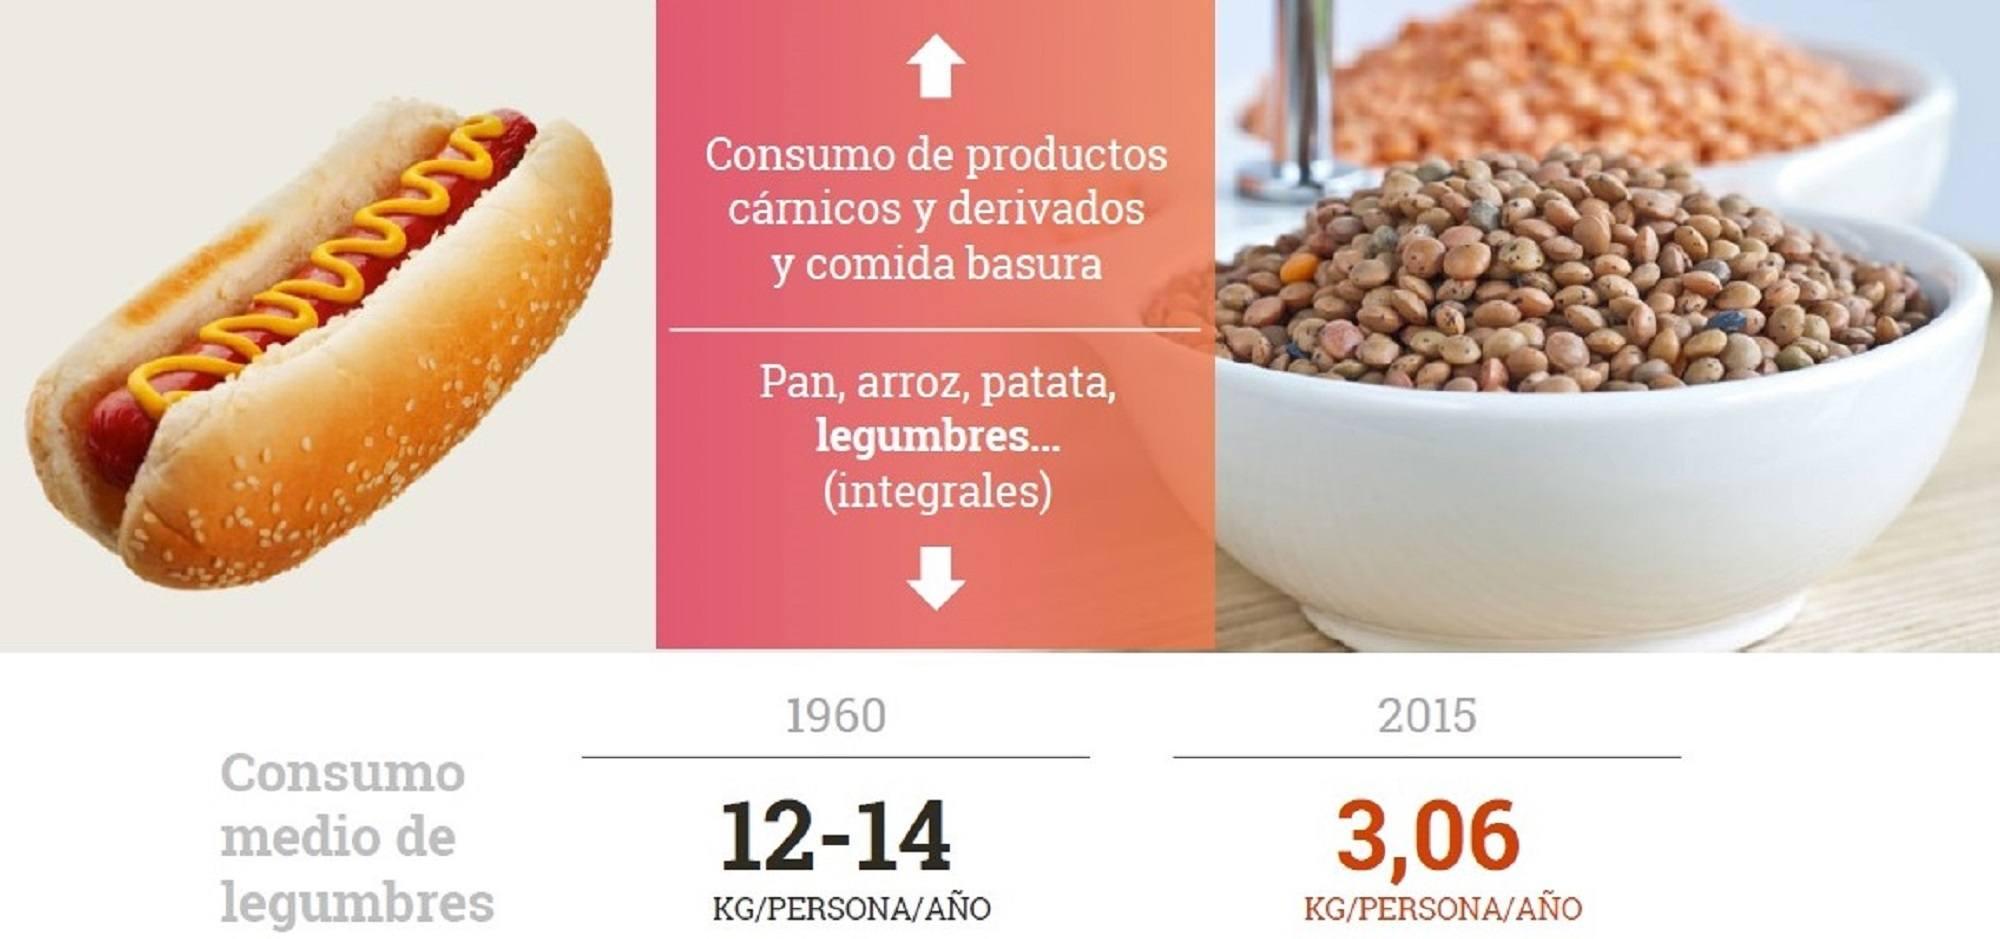 consumo-medio-legumbres